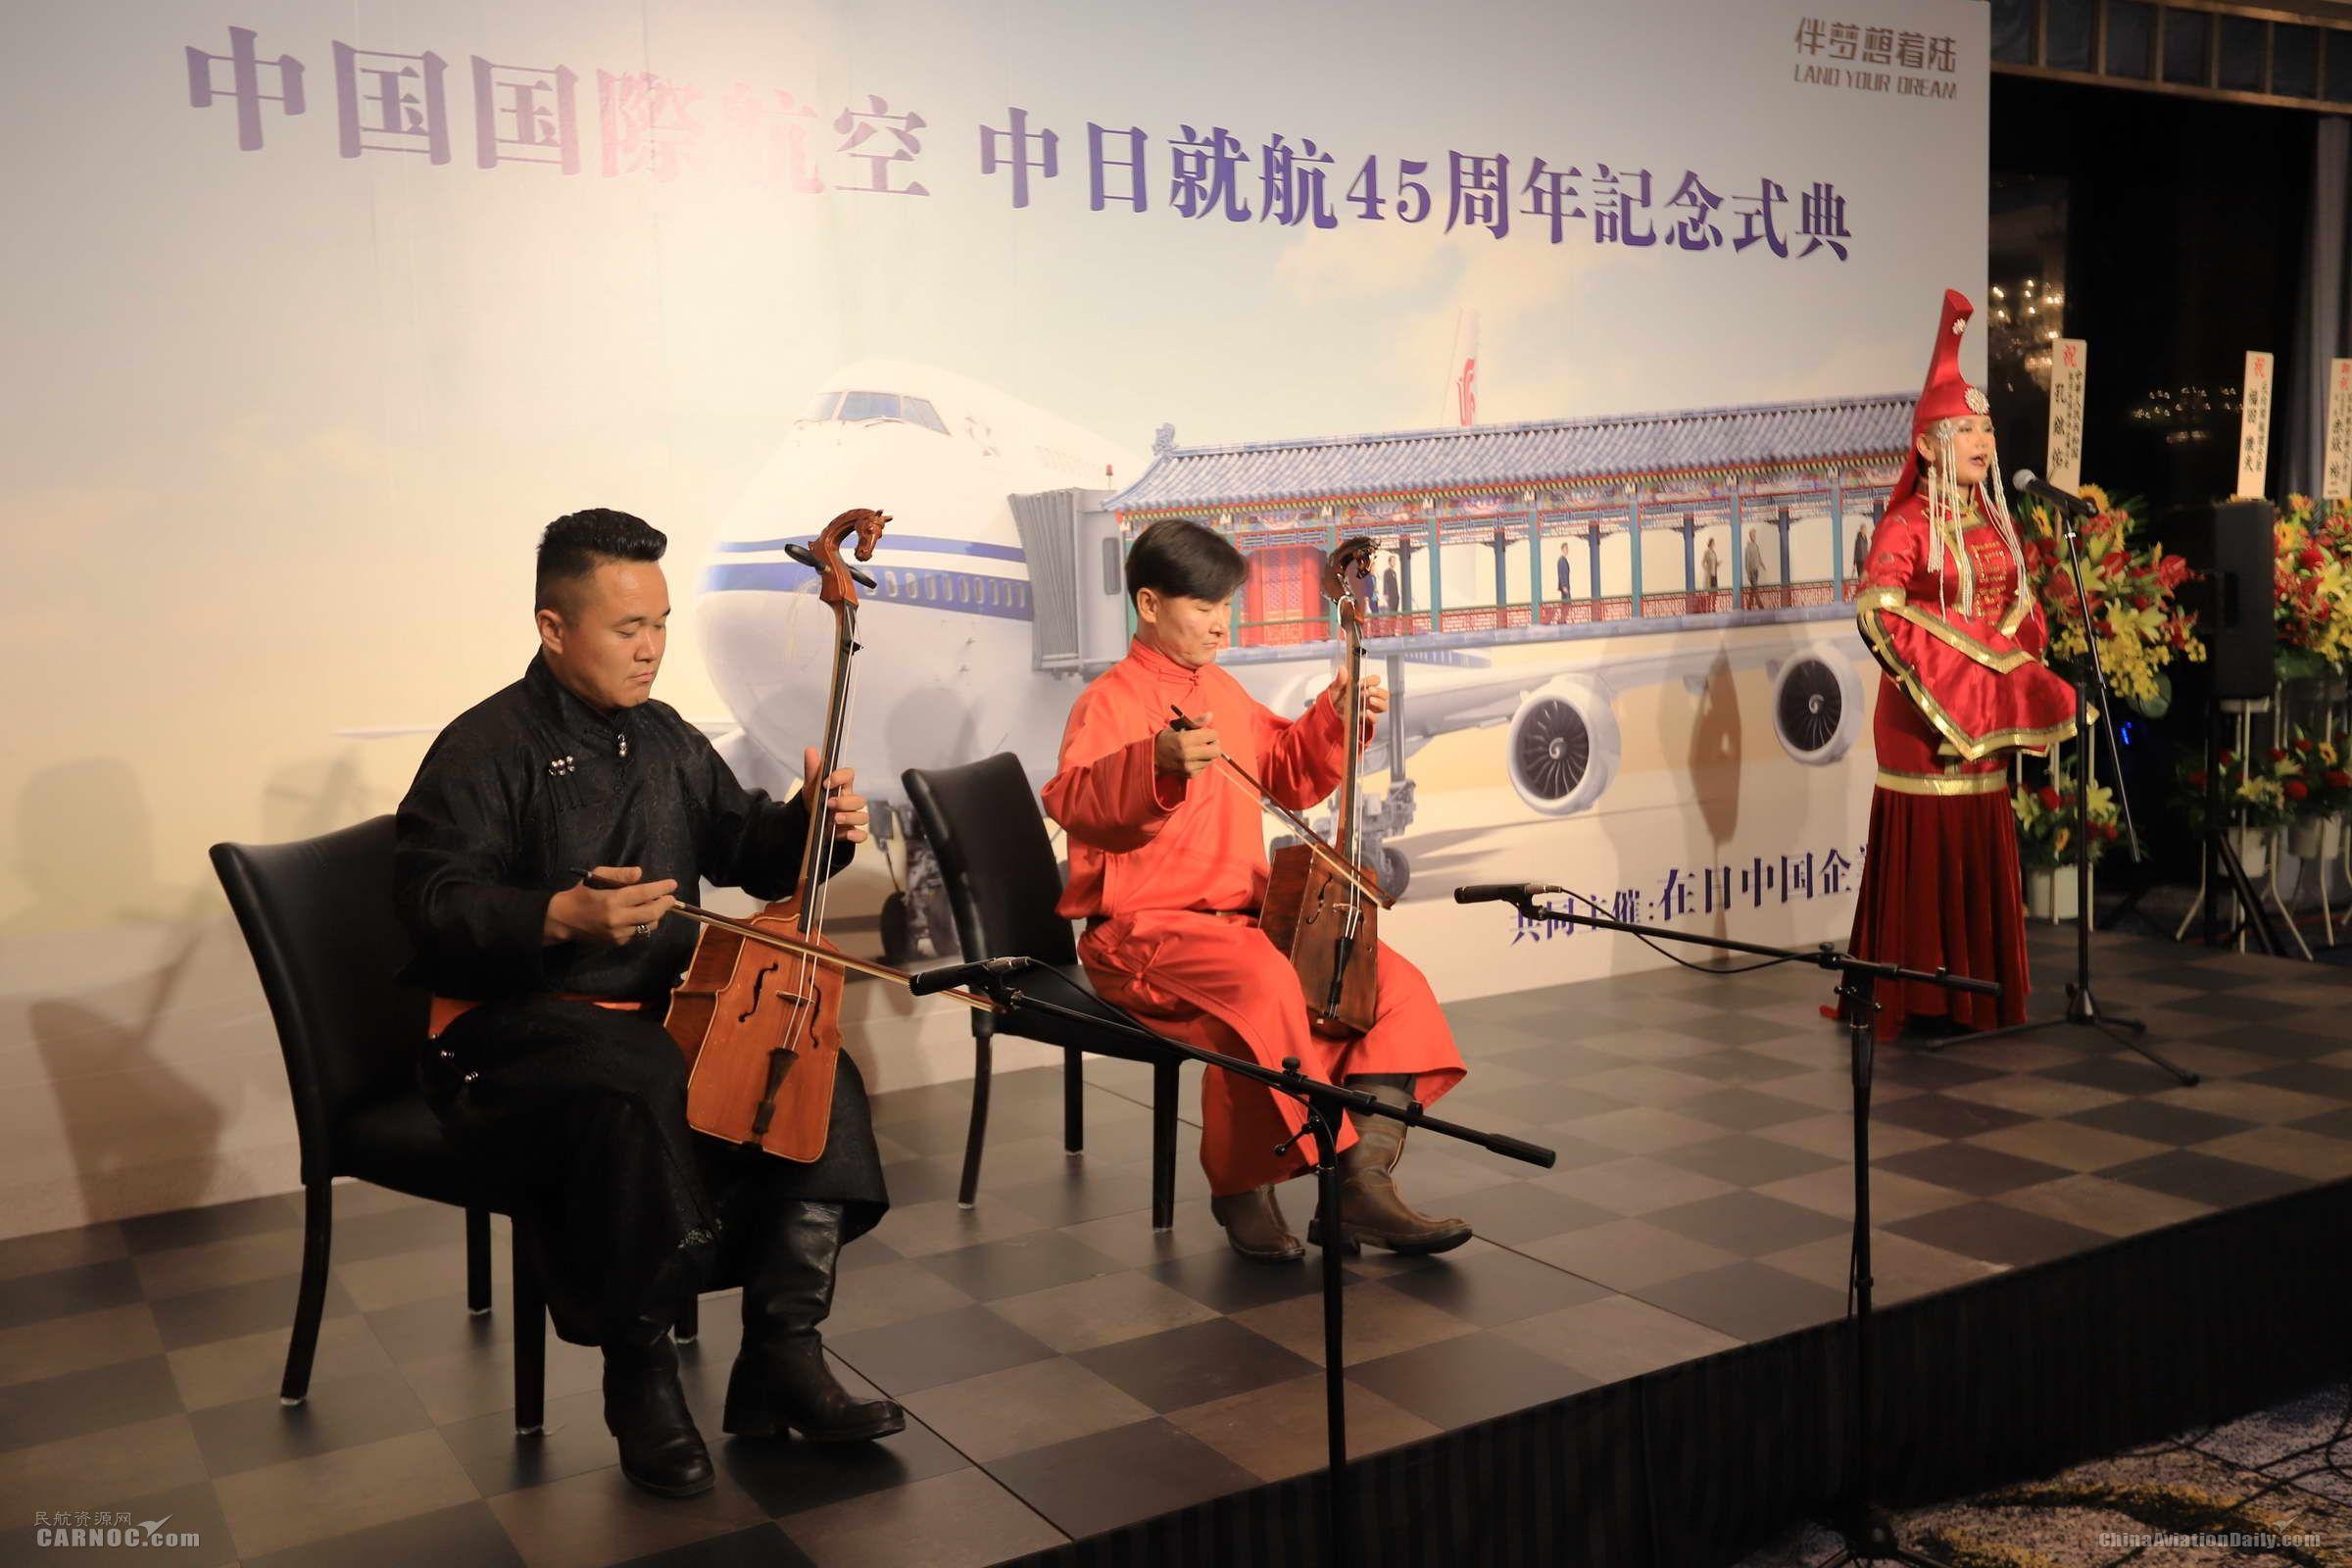 3.来自内蒙古的艺术家为现场带来呼麦、长调、马头琴等非物质文化遗产展示 摄影:武明飞